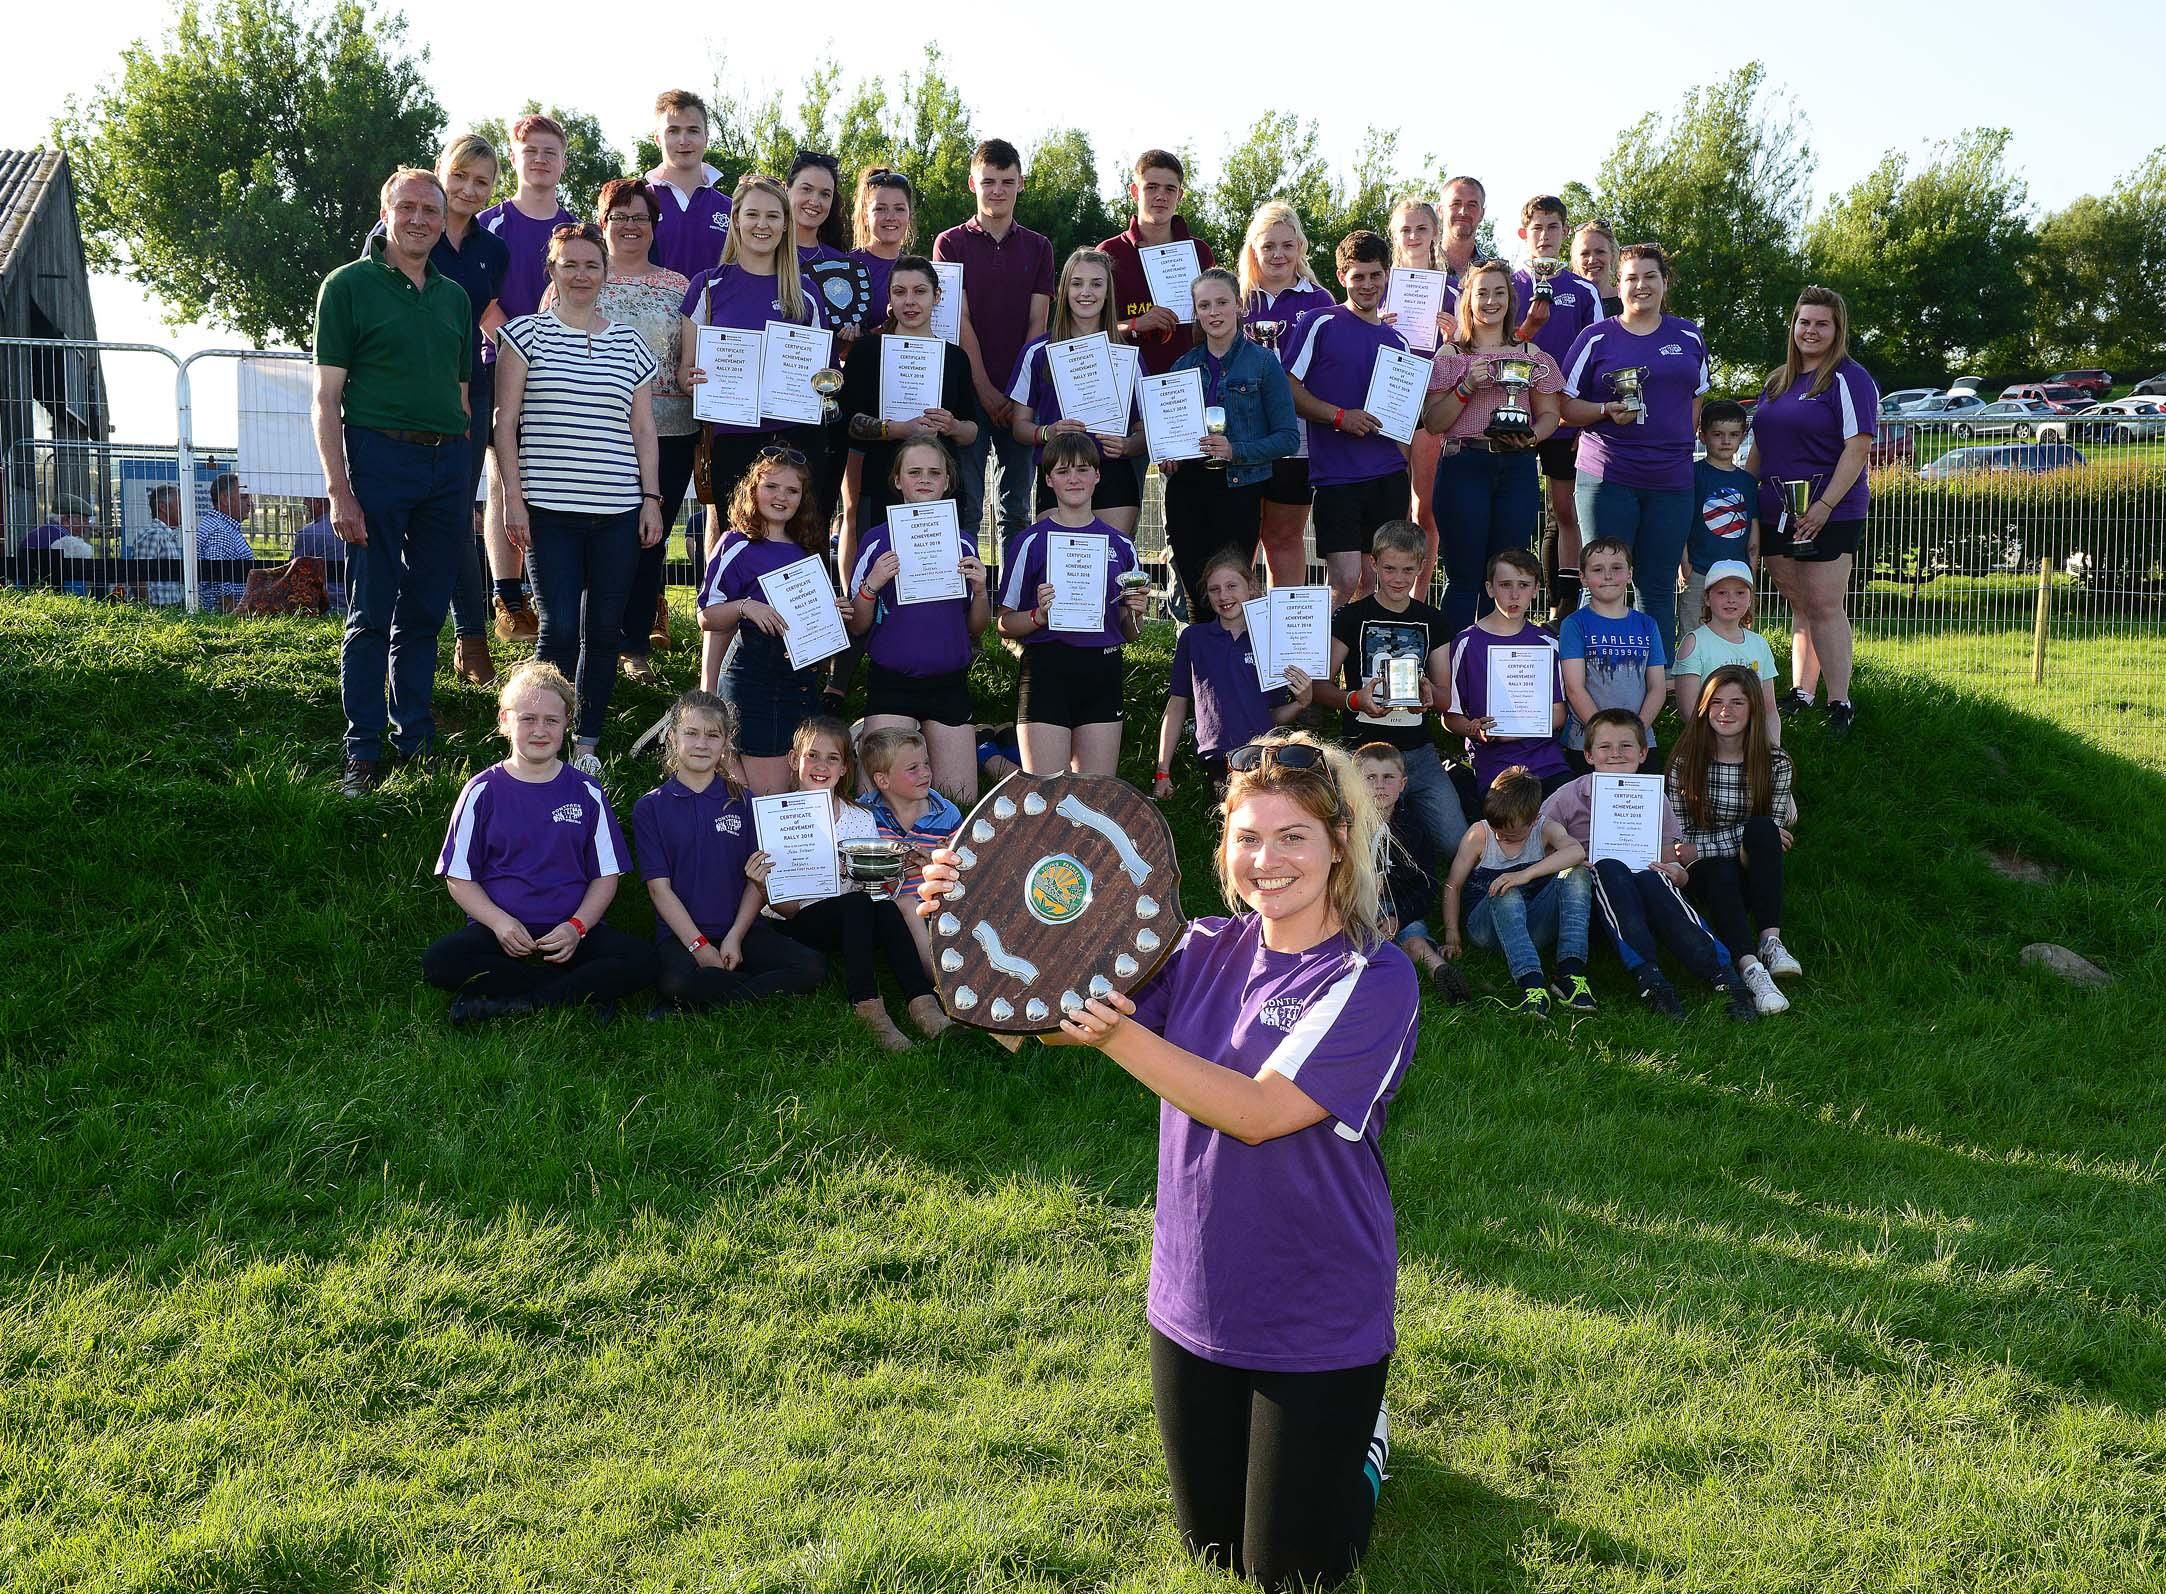 Brecknock YFC - CFfi Brycheiniog | Brecknock Federation of